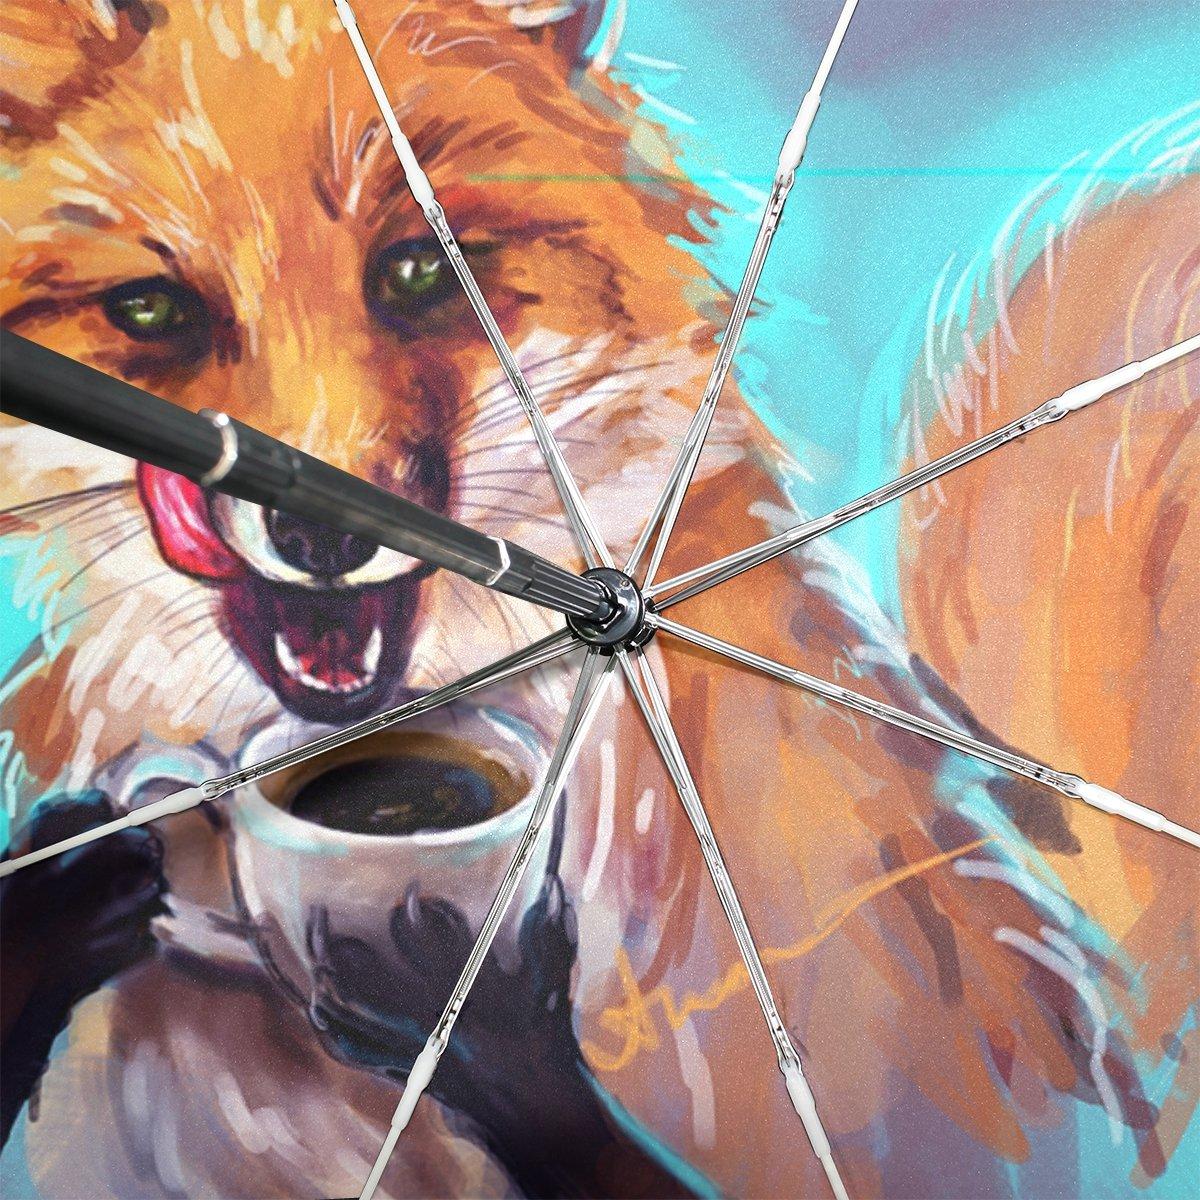 BENNIGIRY Paraguas Fox Art UV - Sombrilla Ligera y antirayos UV, Elegante Reverso de 3 Pliegues, Resistente, Paraguas Especial Regalos para Negocios y ...